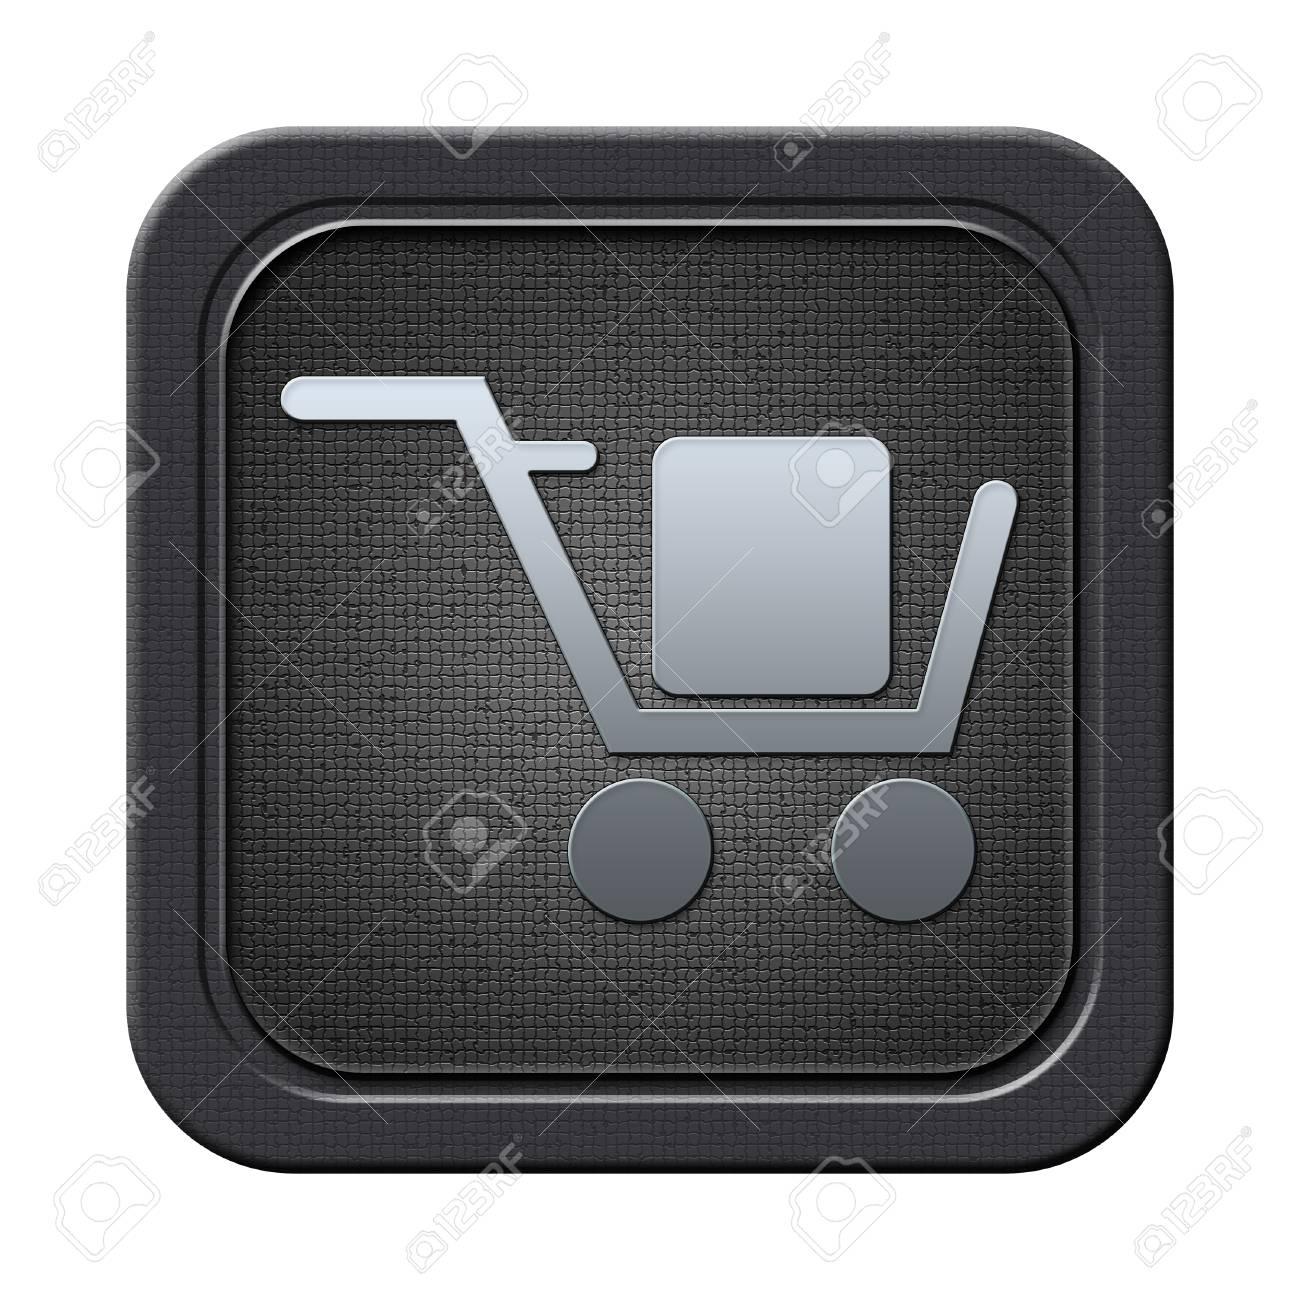 Cart button Stock Photo - 23682223